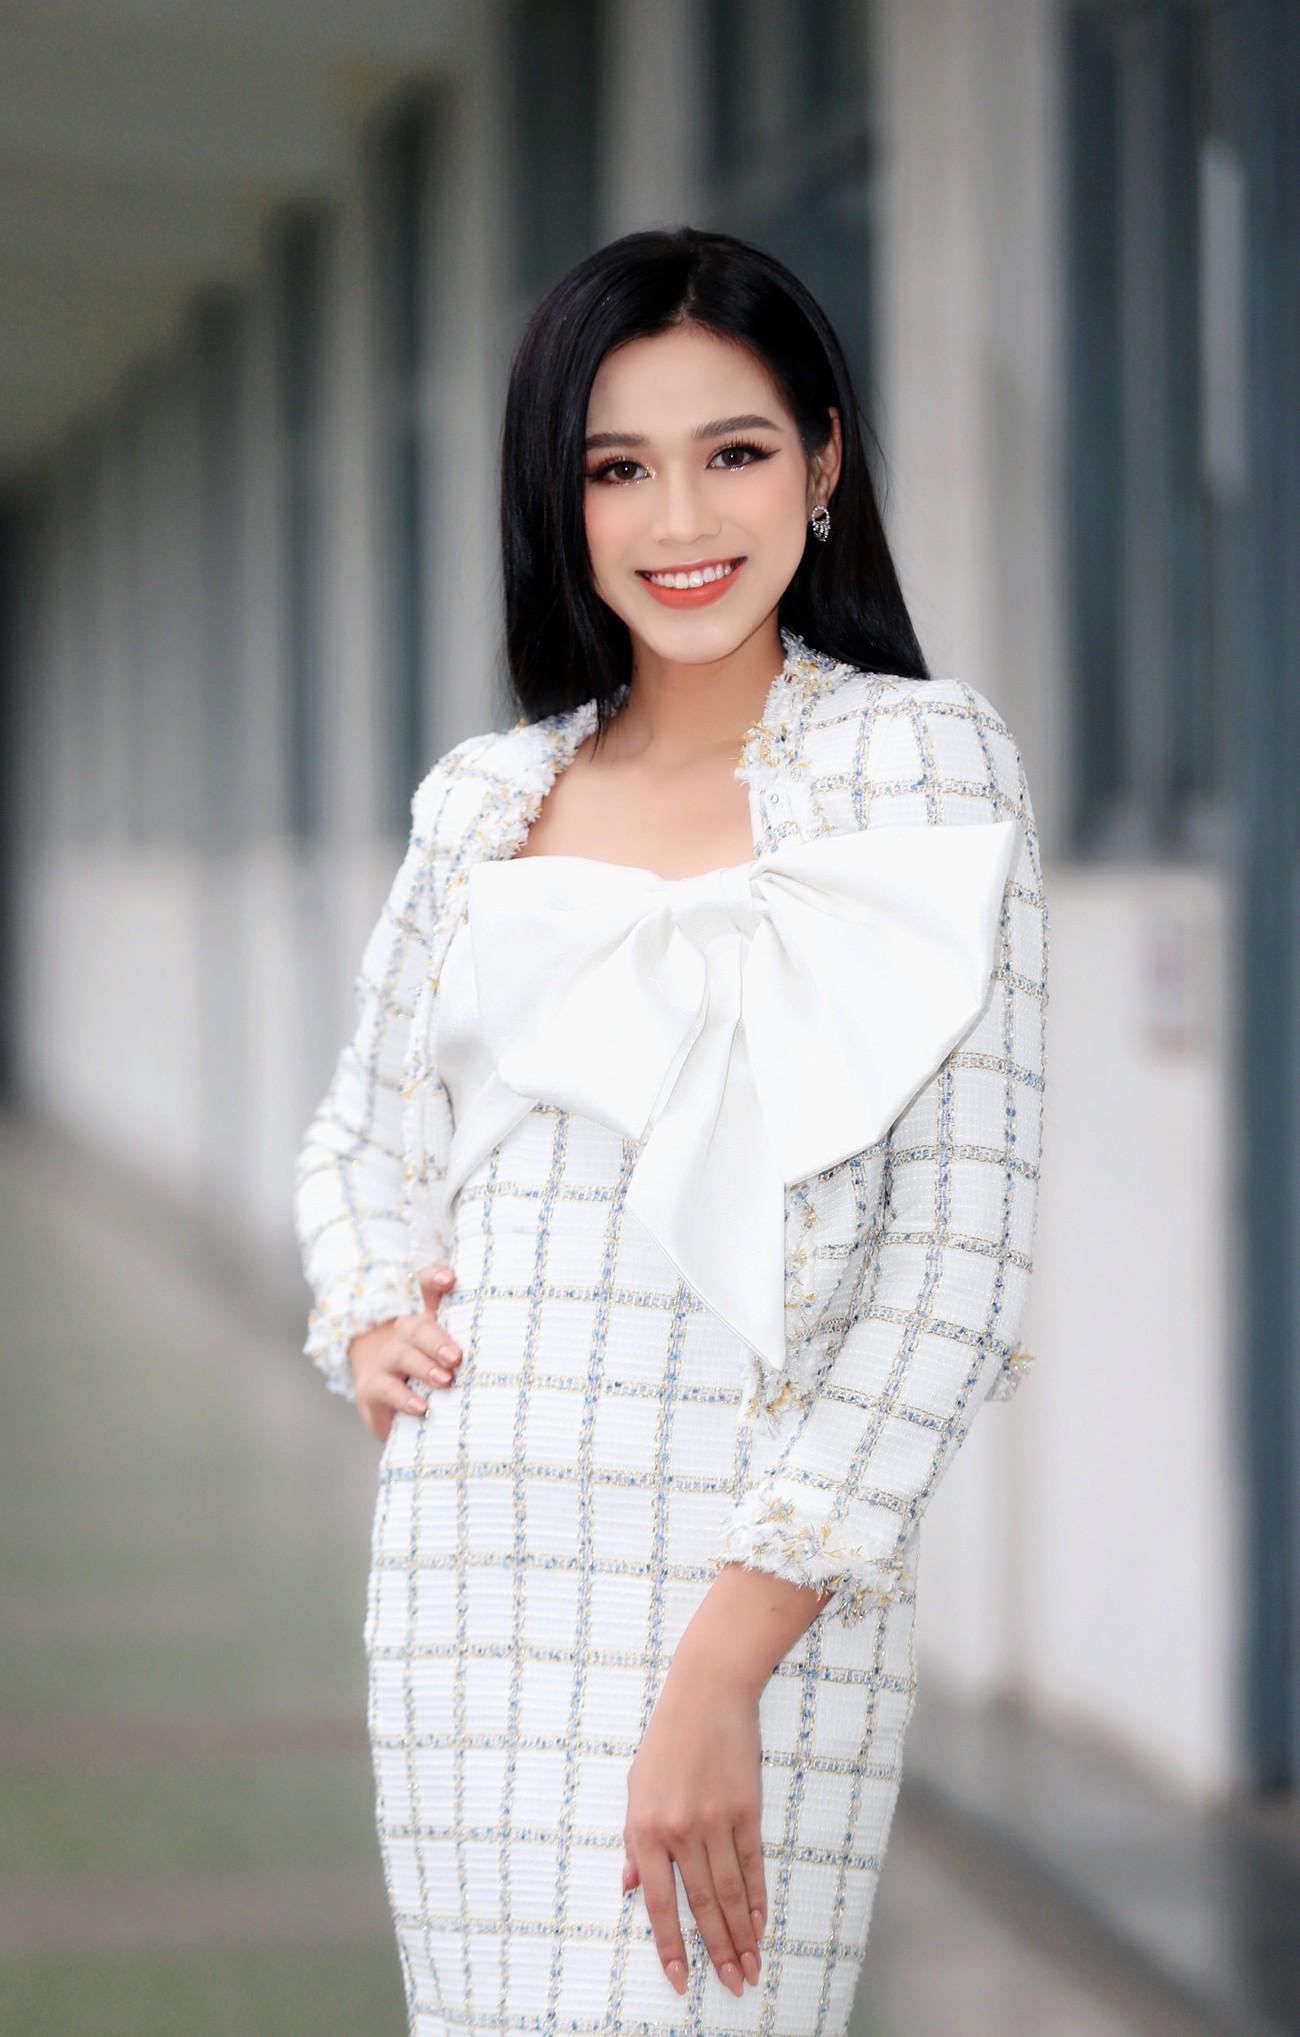 Hoa hậu Đỗ Thị Hà và Á hậu Phương Anh, Ngọc Thảo giản dị vẫn cực xinh đẹp ảnh 3